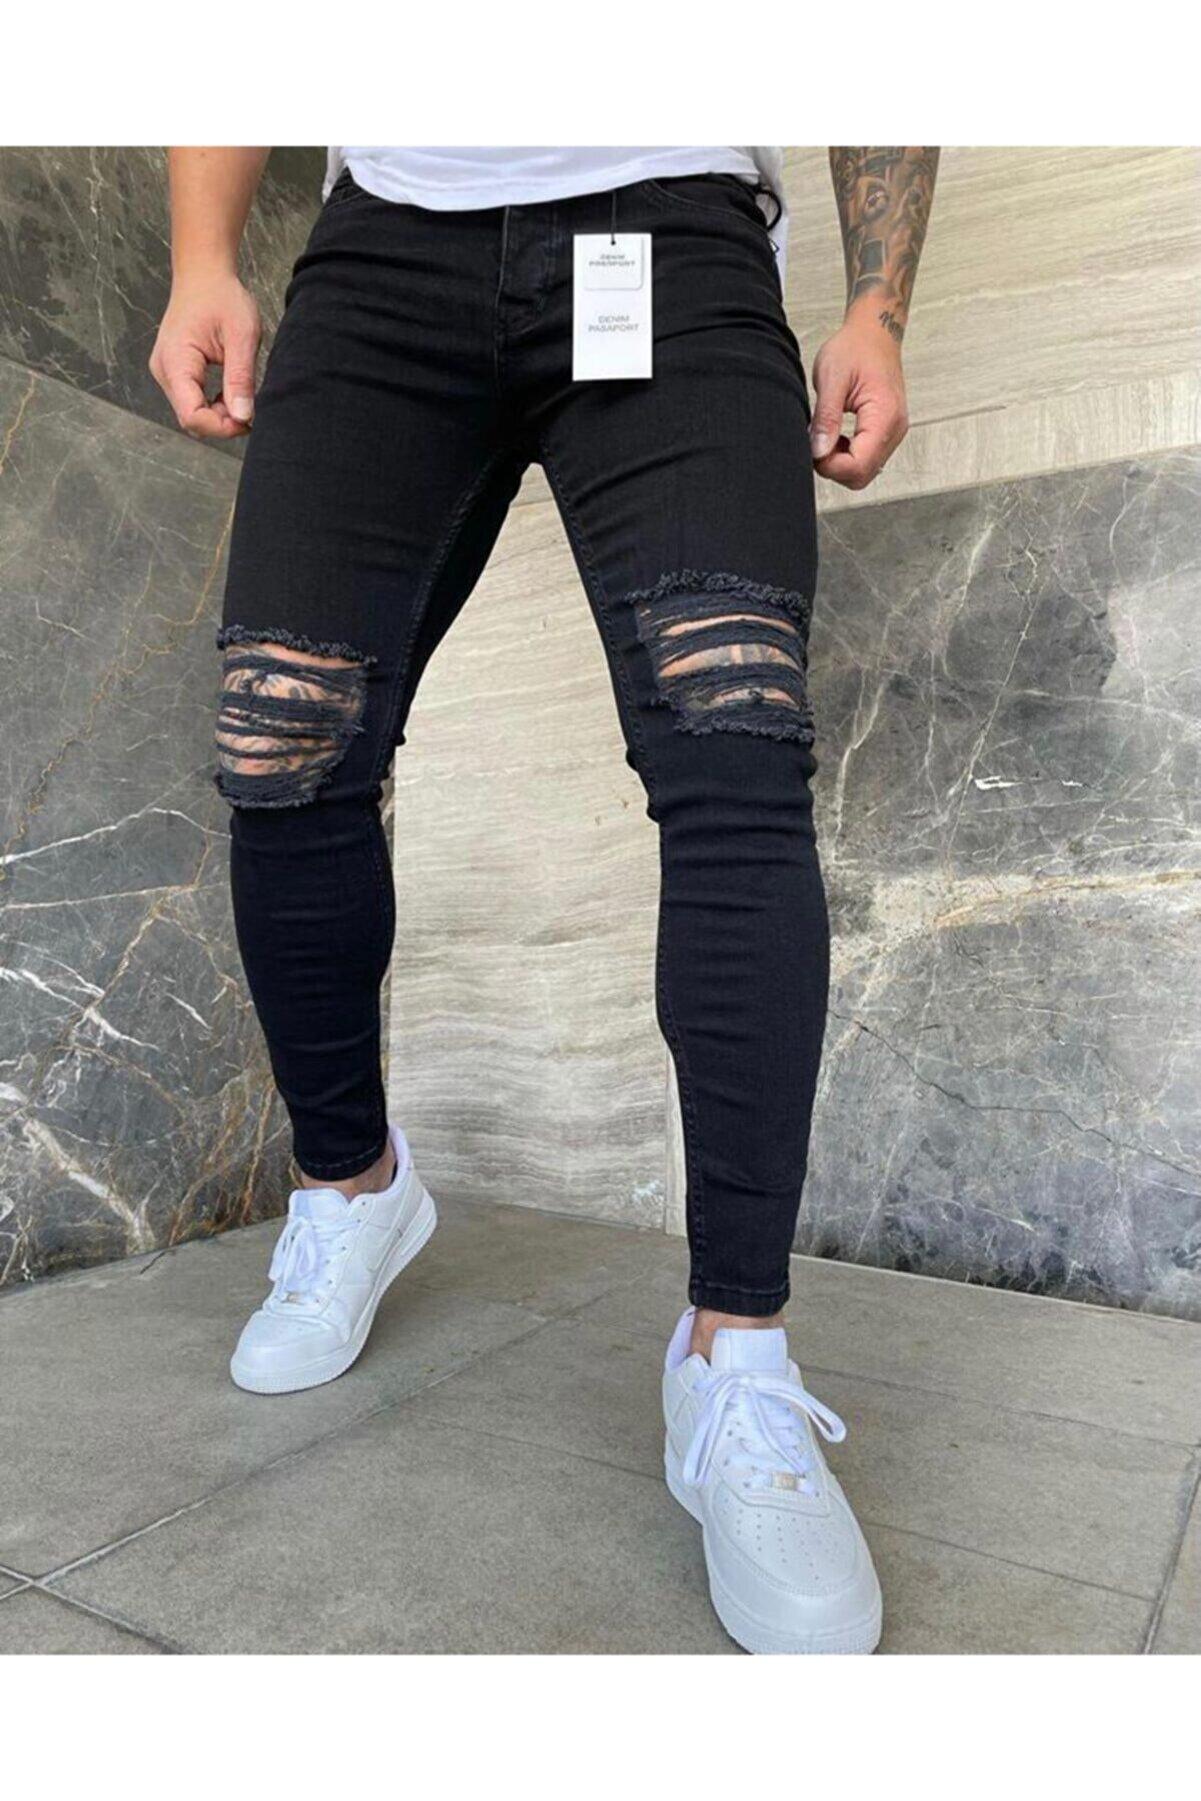 denim pasaport Erkek Siyah Iki Diz Açık Yırtık Slim Fit Likralı Jeans